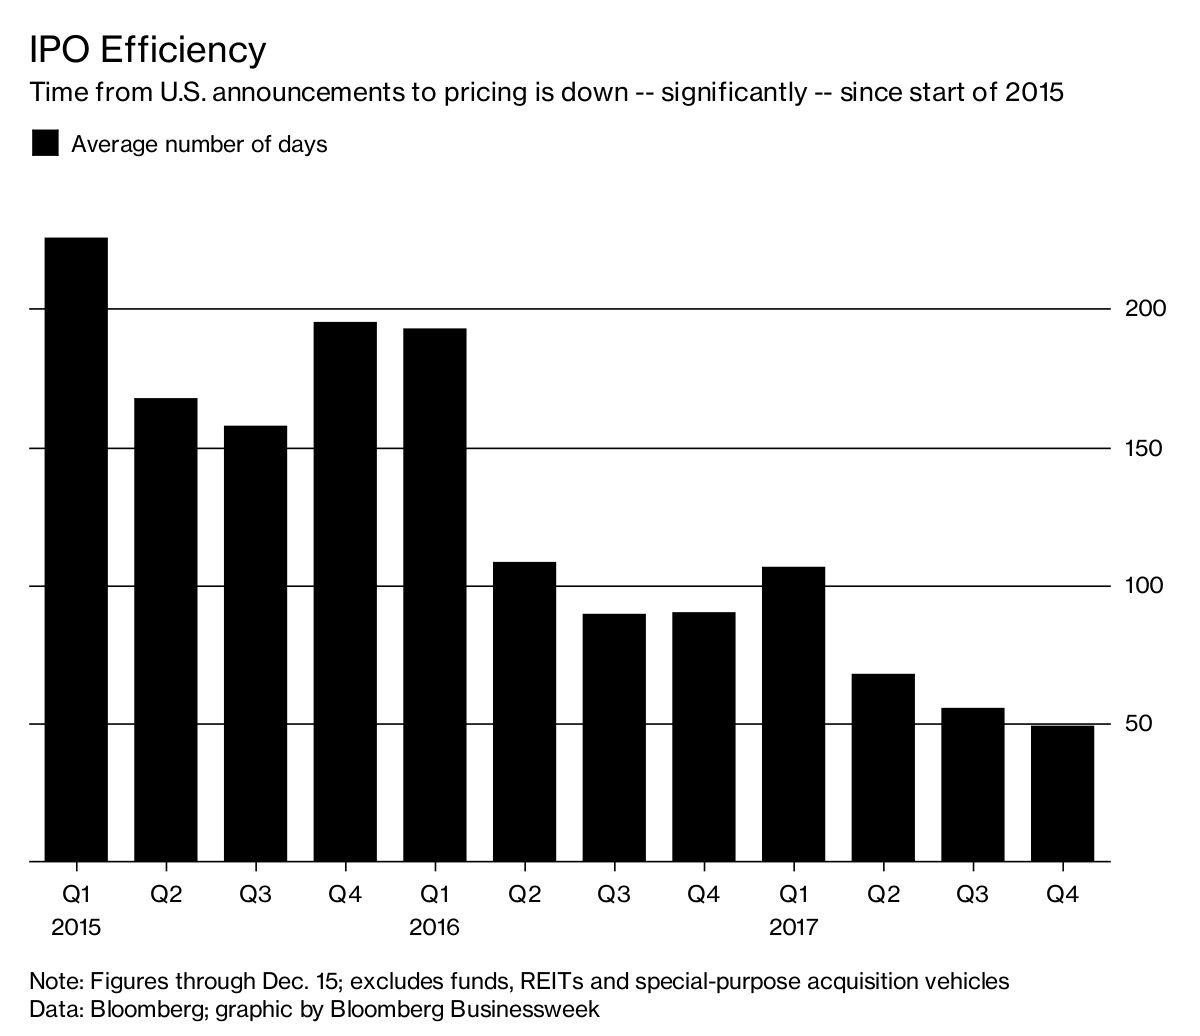 U.S. IPOs in Short Order